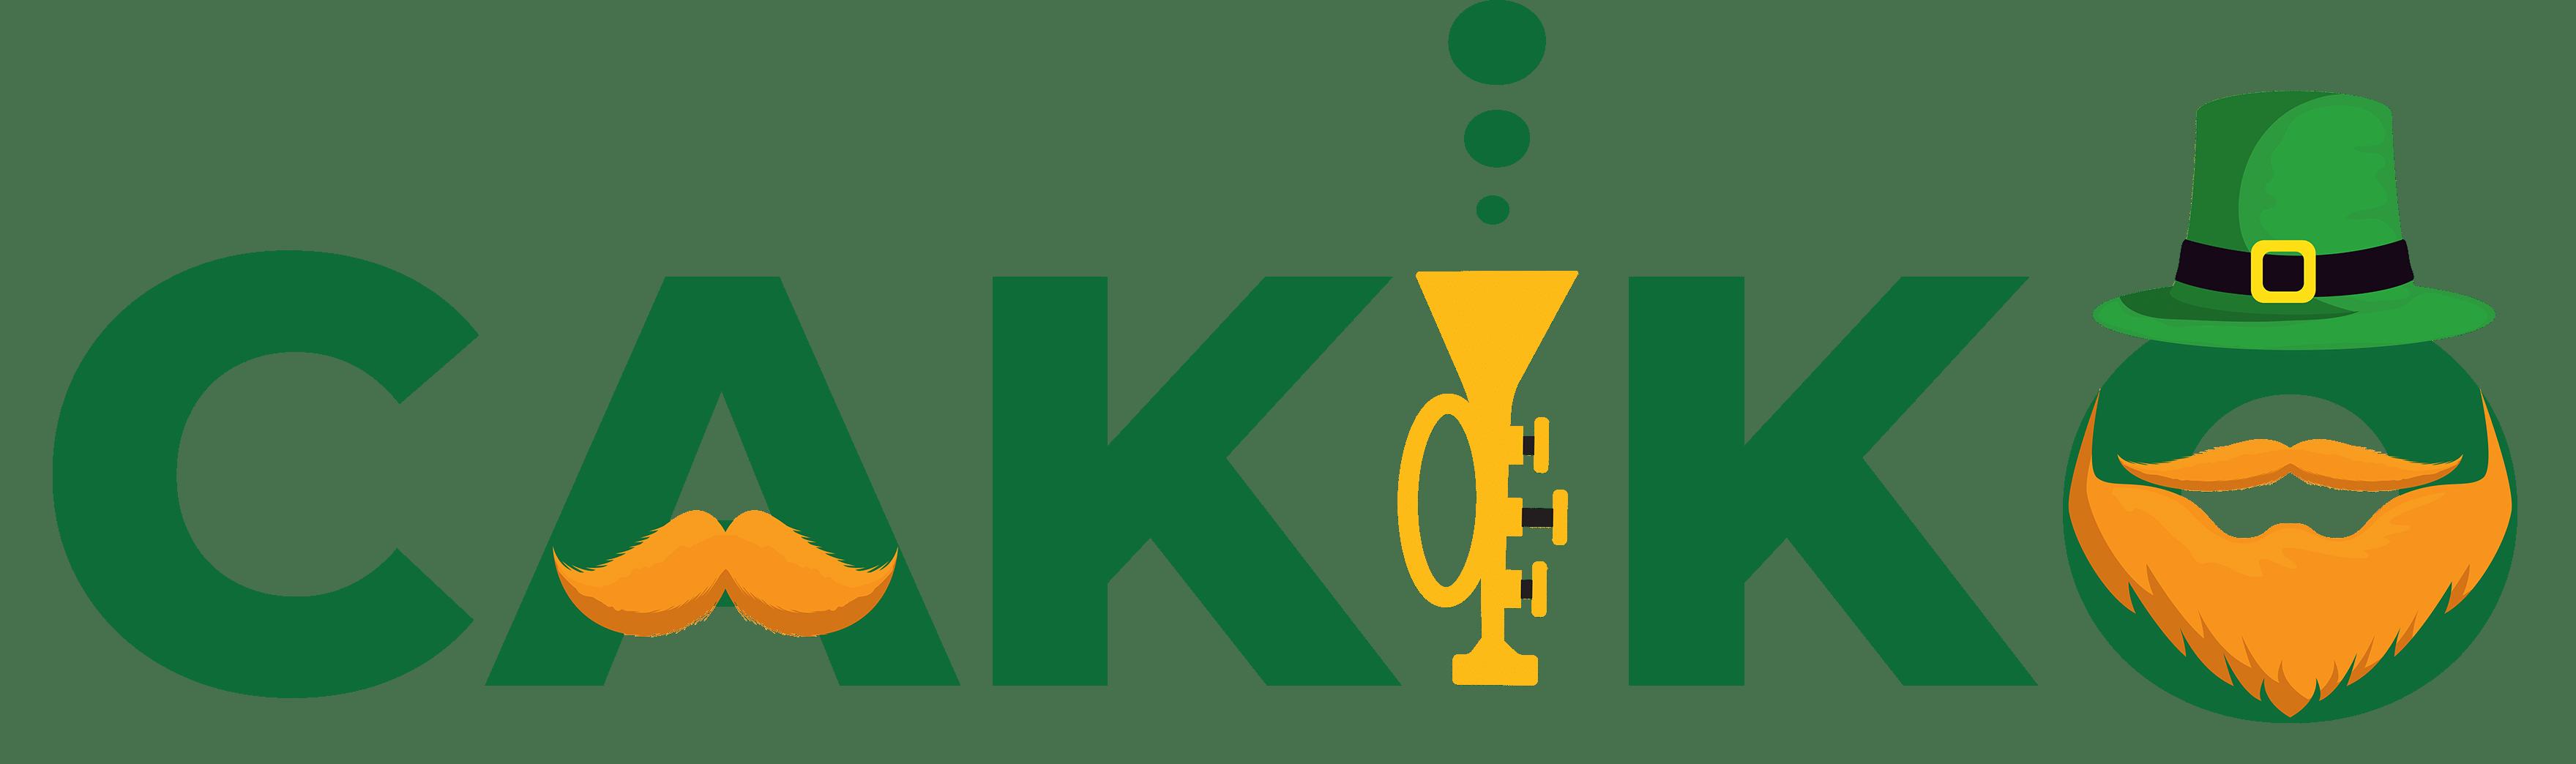 Cakiko Store